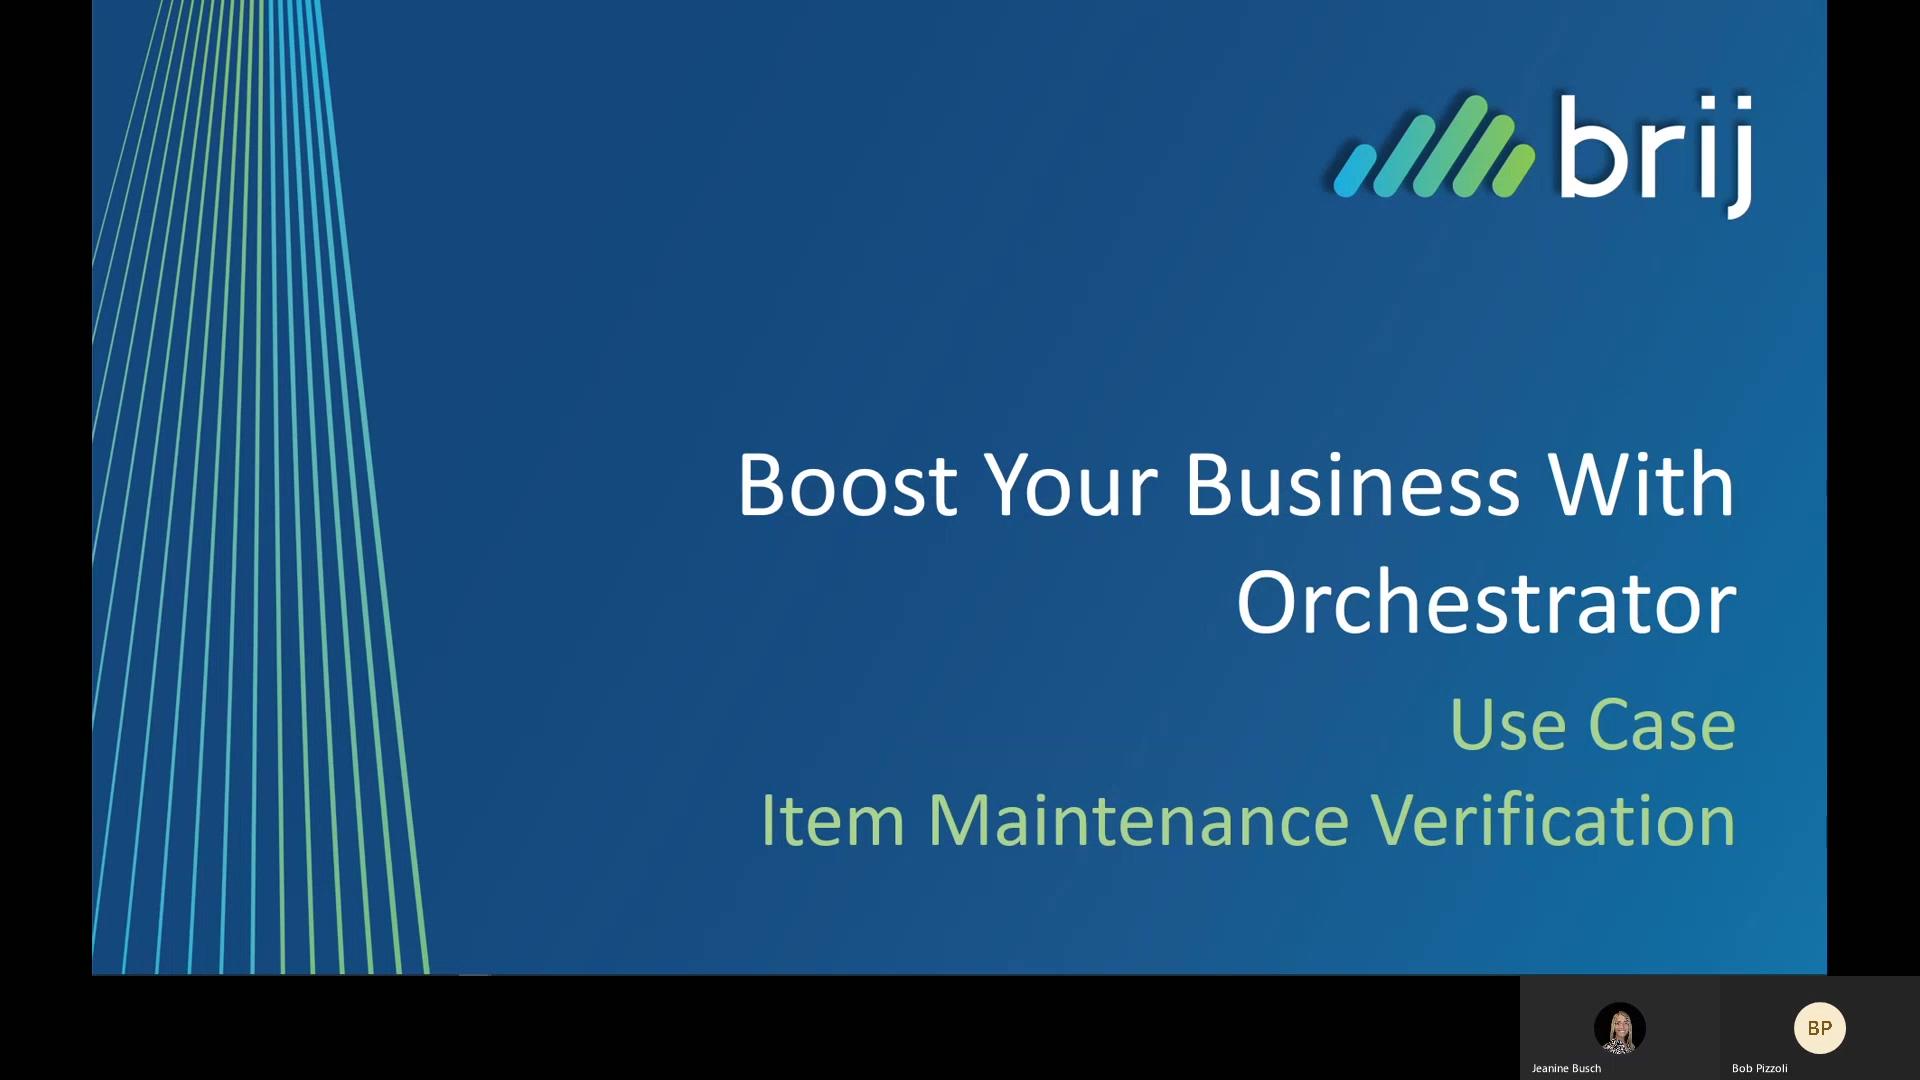 Item Maintenance Verification (online-video-cutter.com)